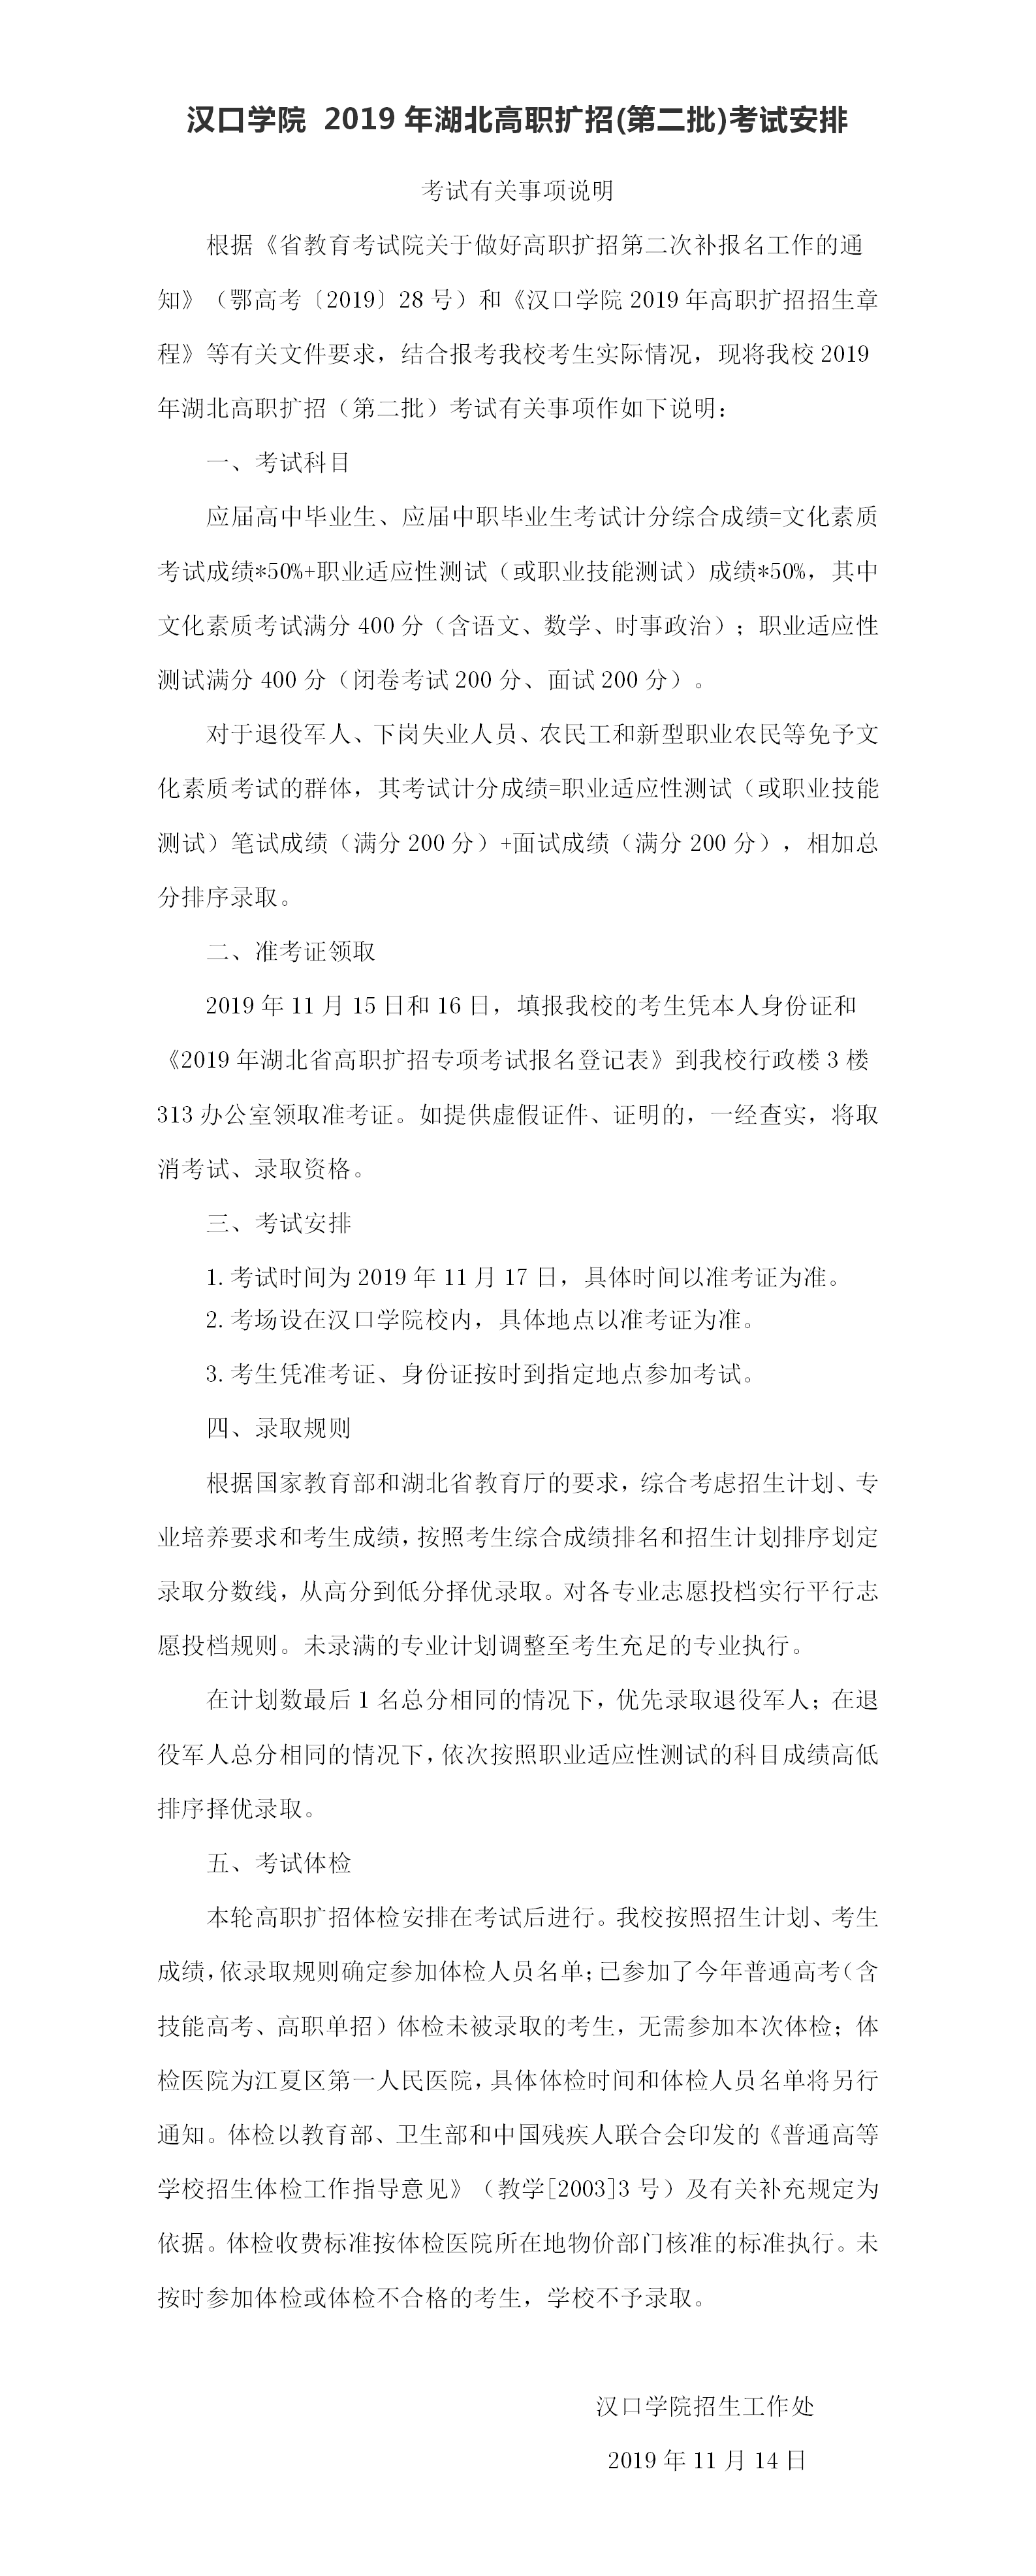 汉口学院 2019年湖北高职扩招(第二批)考试安排.png